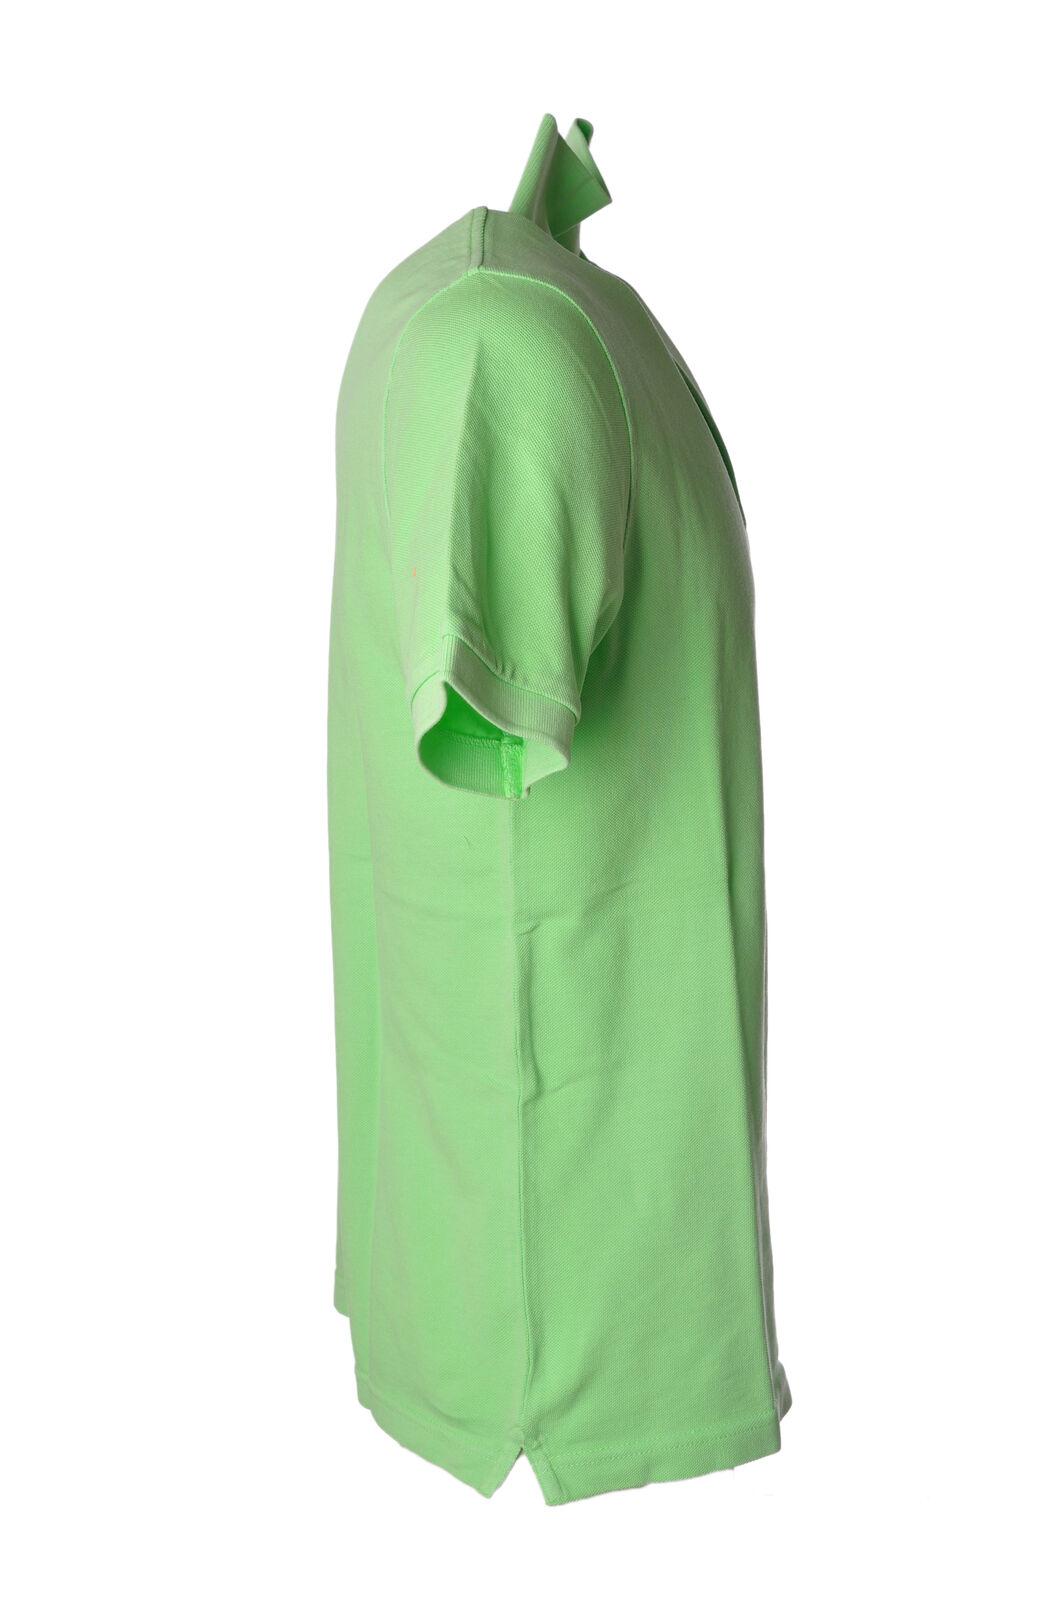 Sun Topwear-Polo 68 - Topwear-Polo Sun - Man - verde - 4926416N183715 d5f4ea